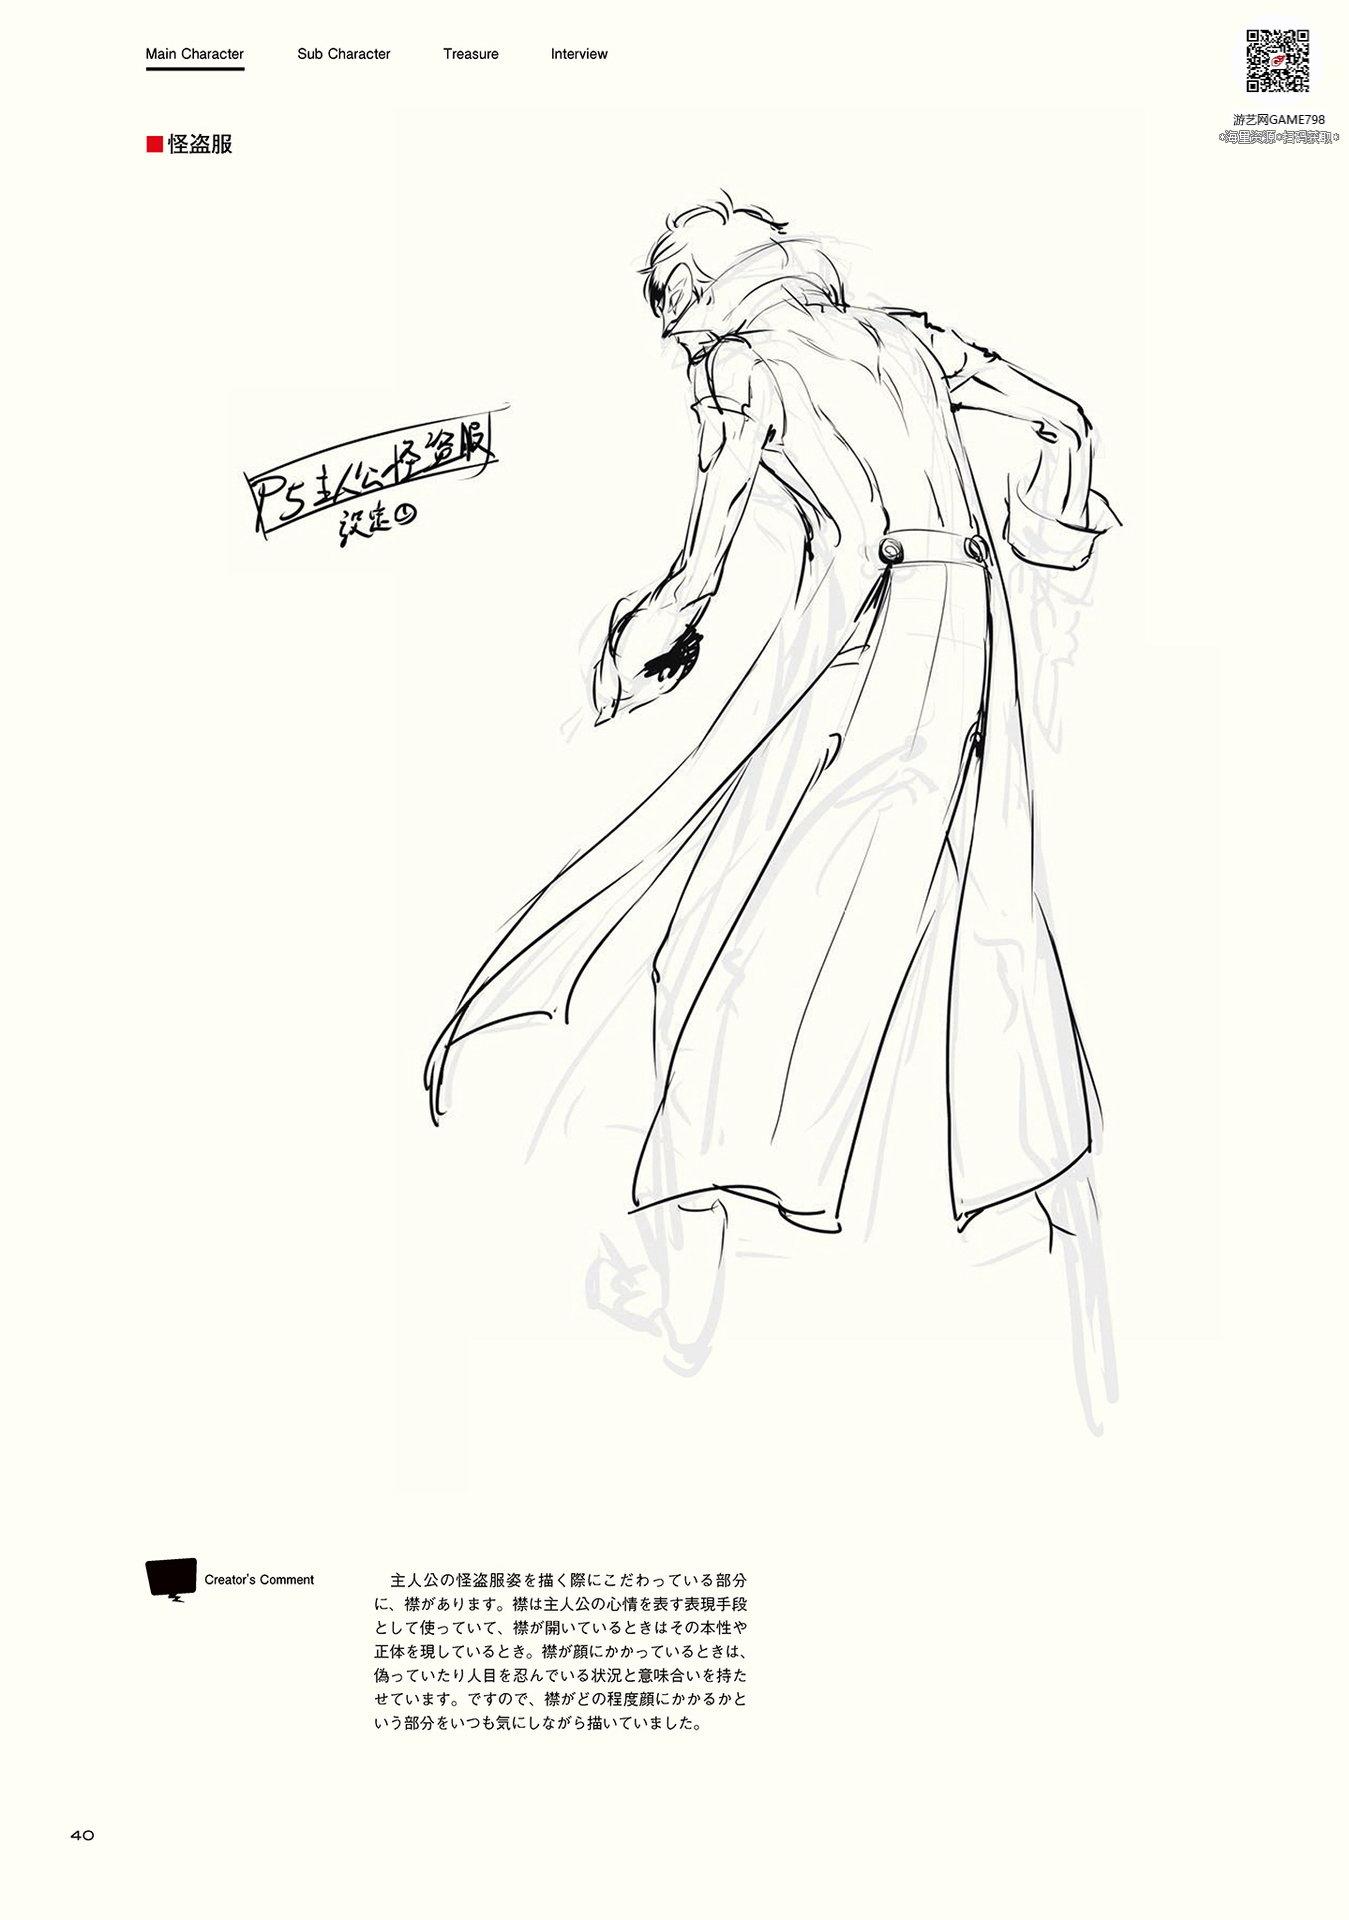 020_关注游艺网公众号获海量资源_日式游戏风格设定女神异闻录5二次元角色设定.jpeg